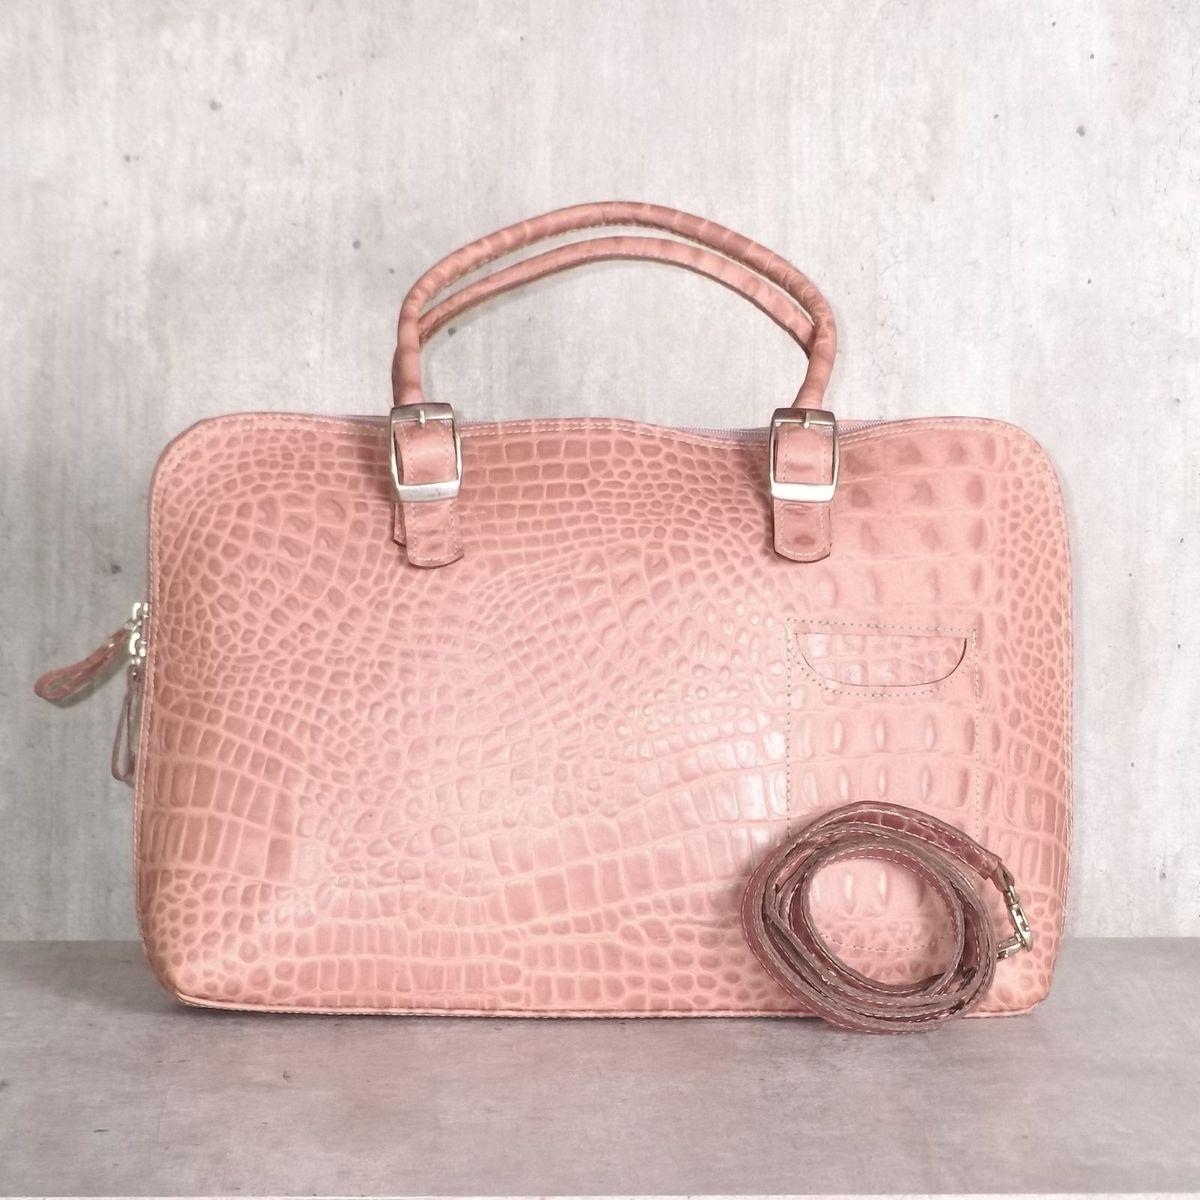 57f5ae24ba1 bolsa pasta rose piton texturizada - de mão smart bag